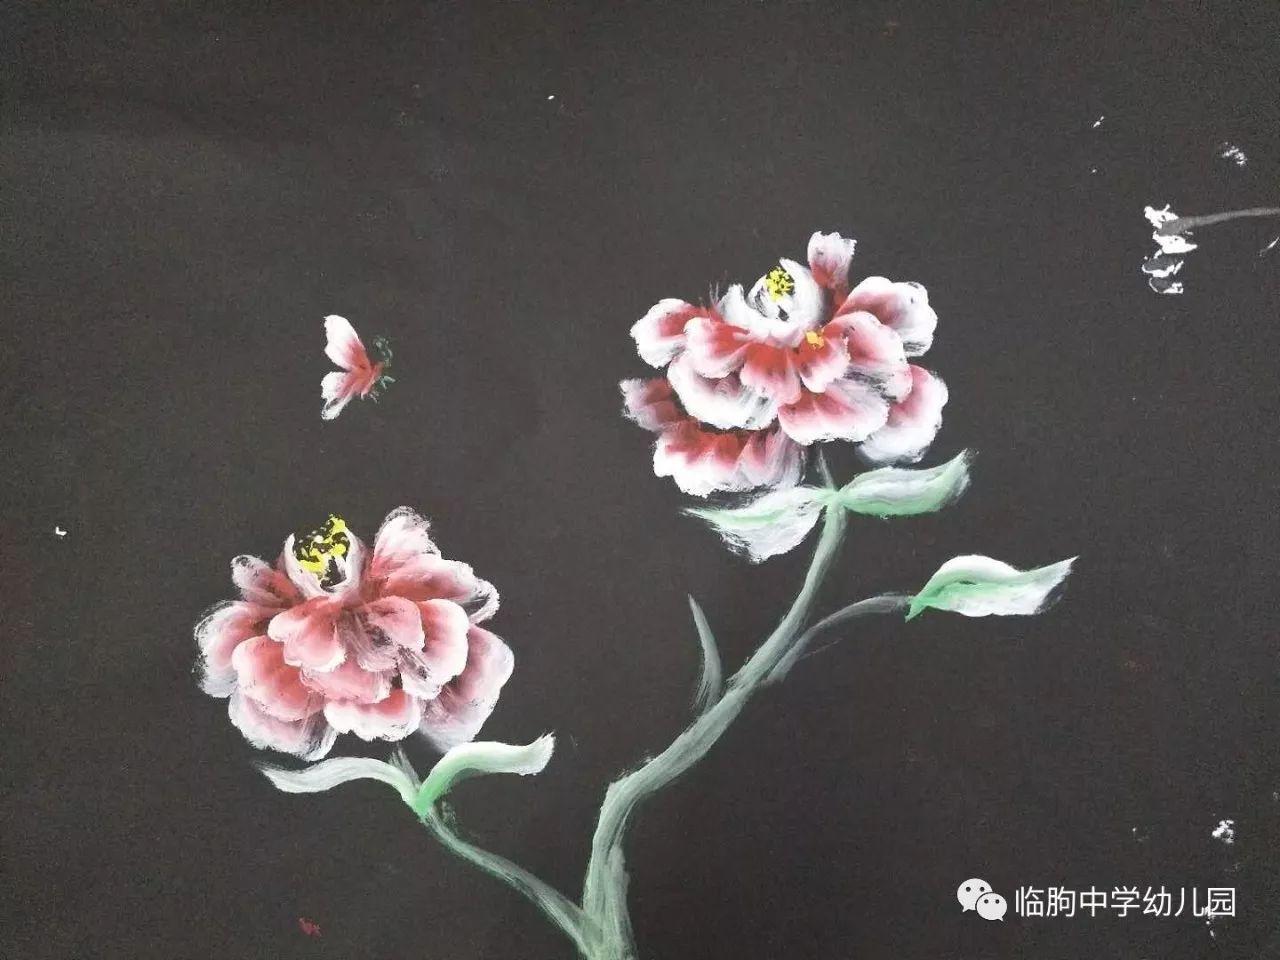 临朐中学幼儿园排笔画培训活动